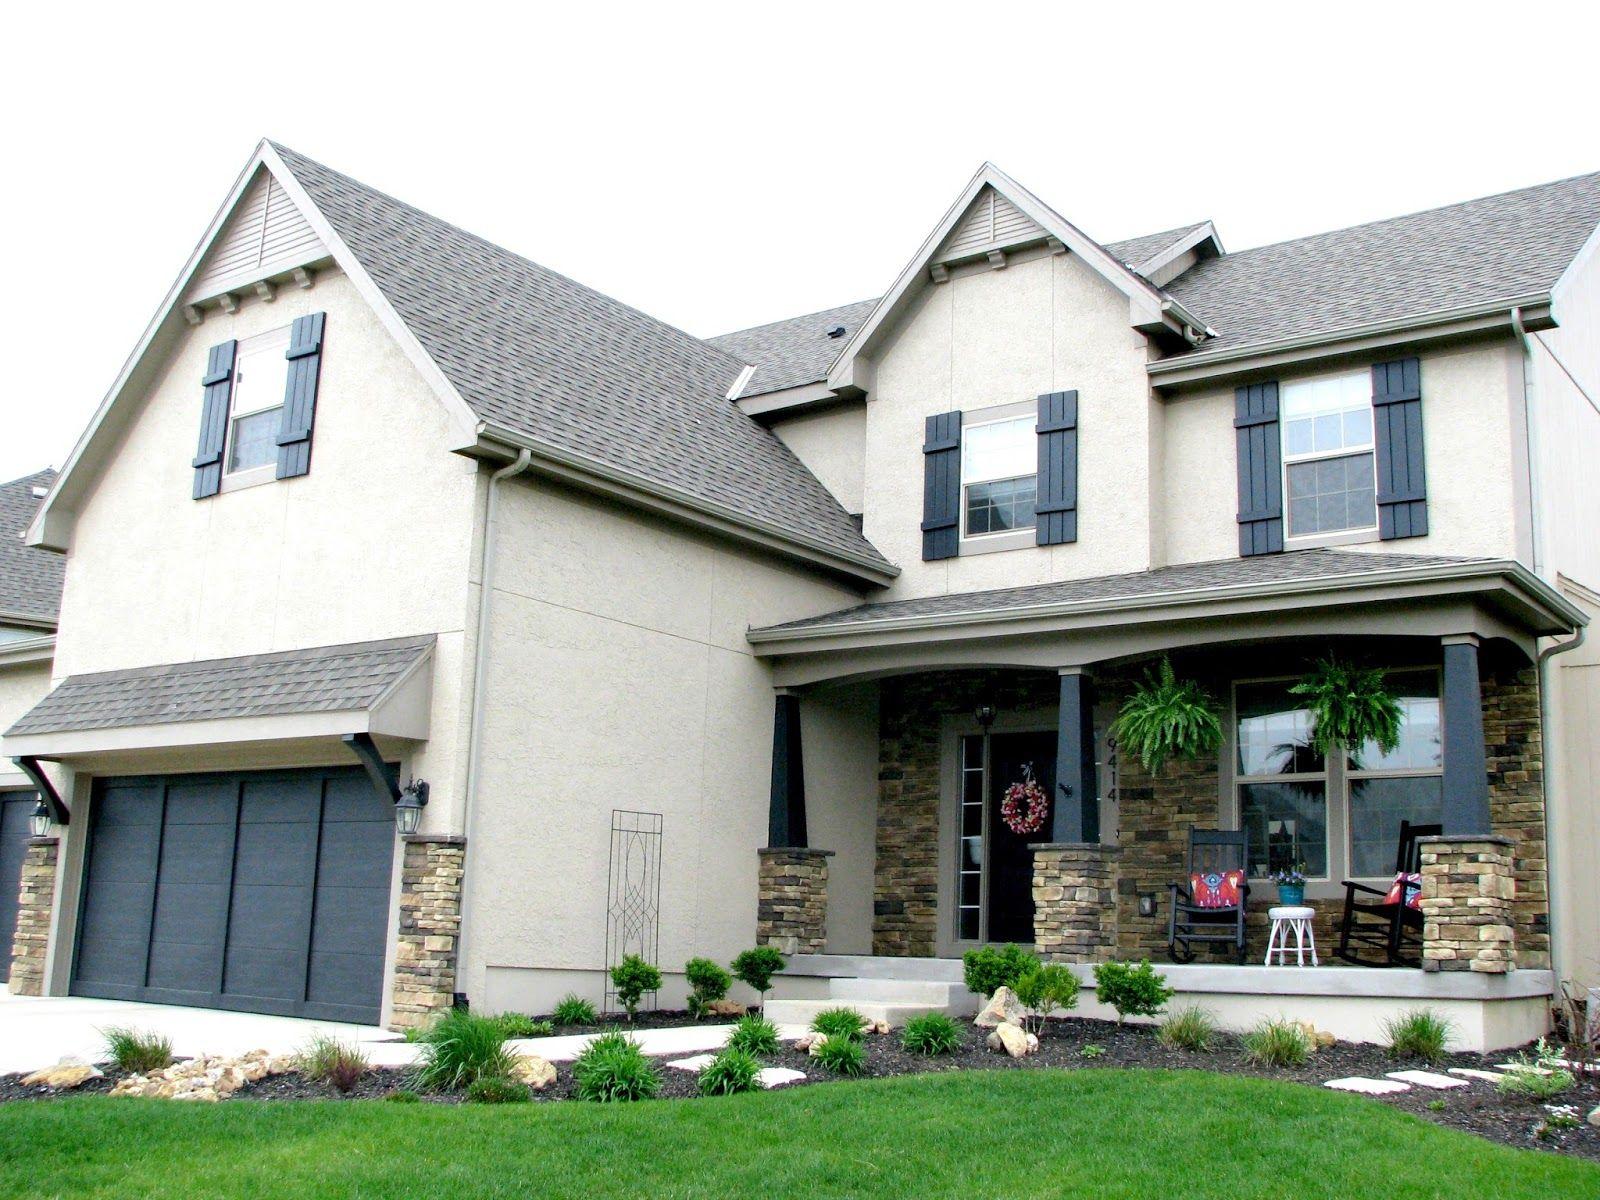 Exterior Paint Facelift Exterior Gray Paint Best Exterior House Paint House Exterior